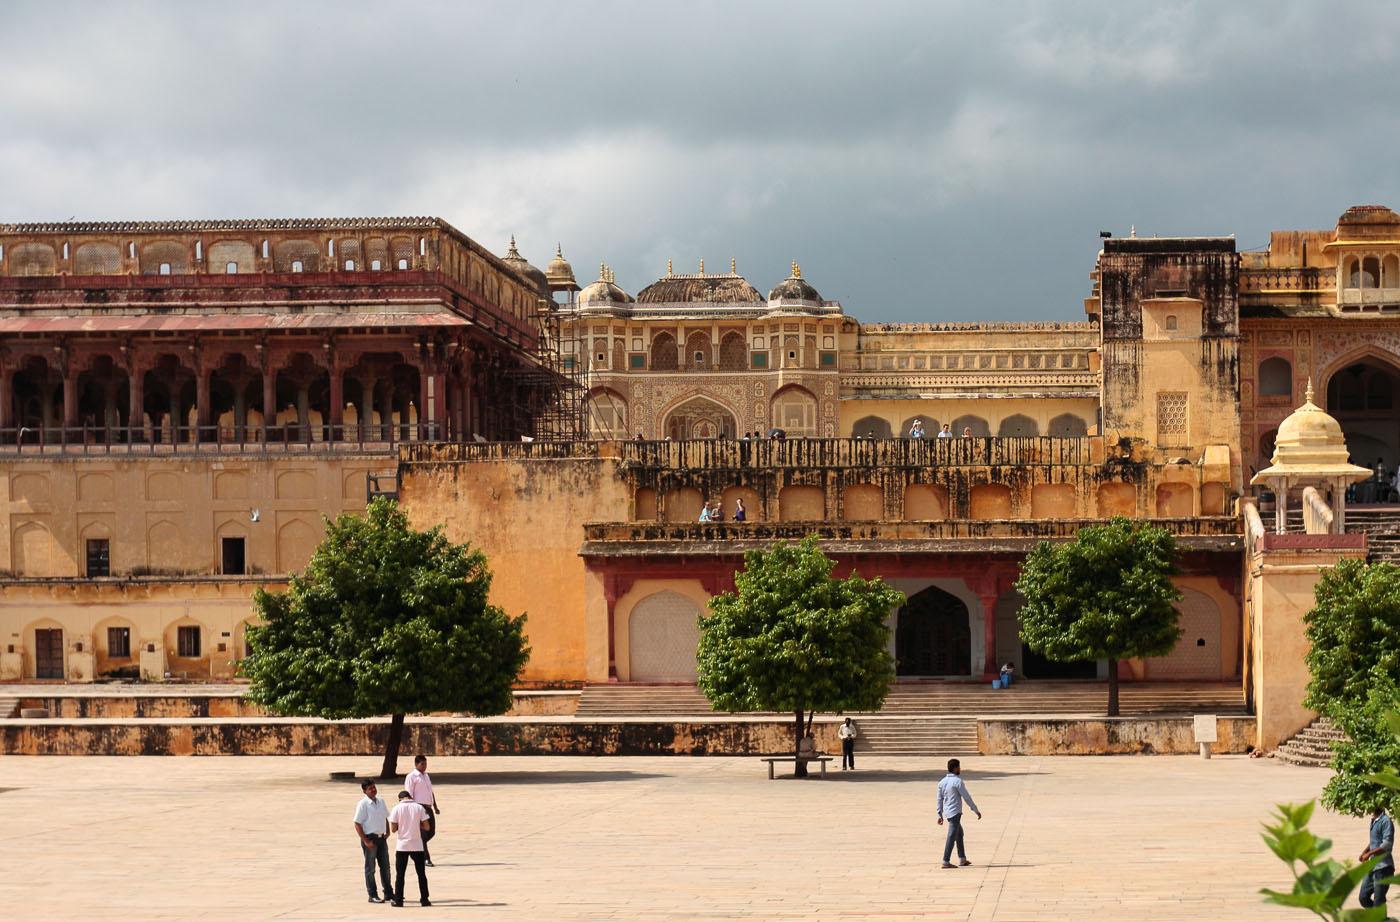 Фото 8'. На территории крепости Амбер в Джайпуре. Как мы ездили по Золотому треугольнику.